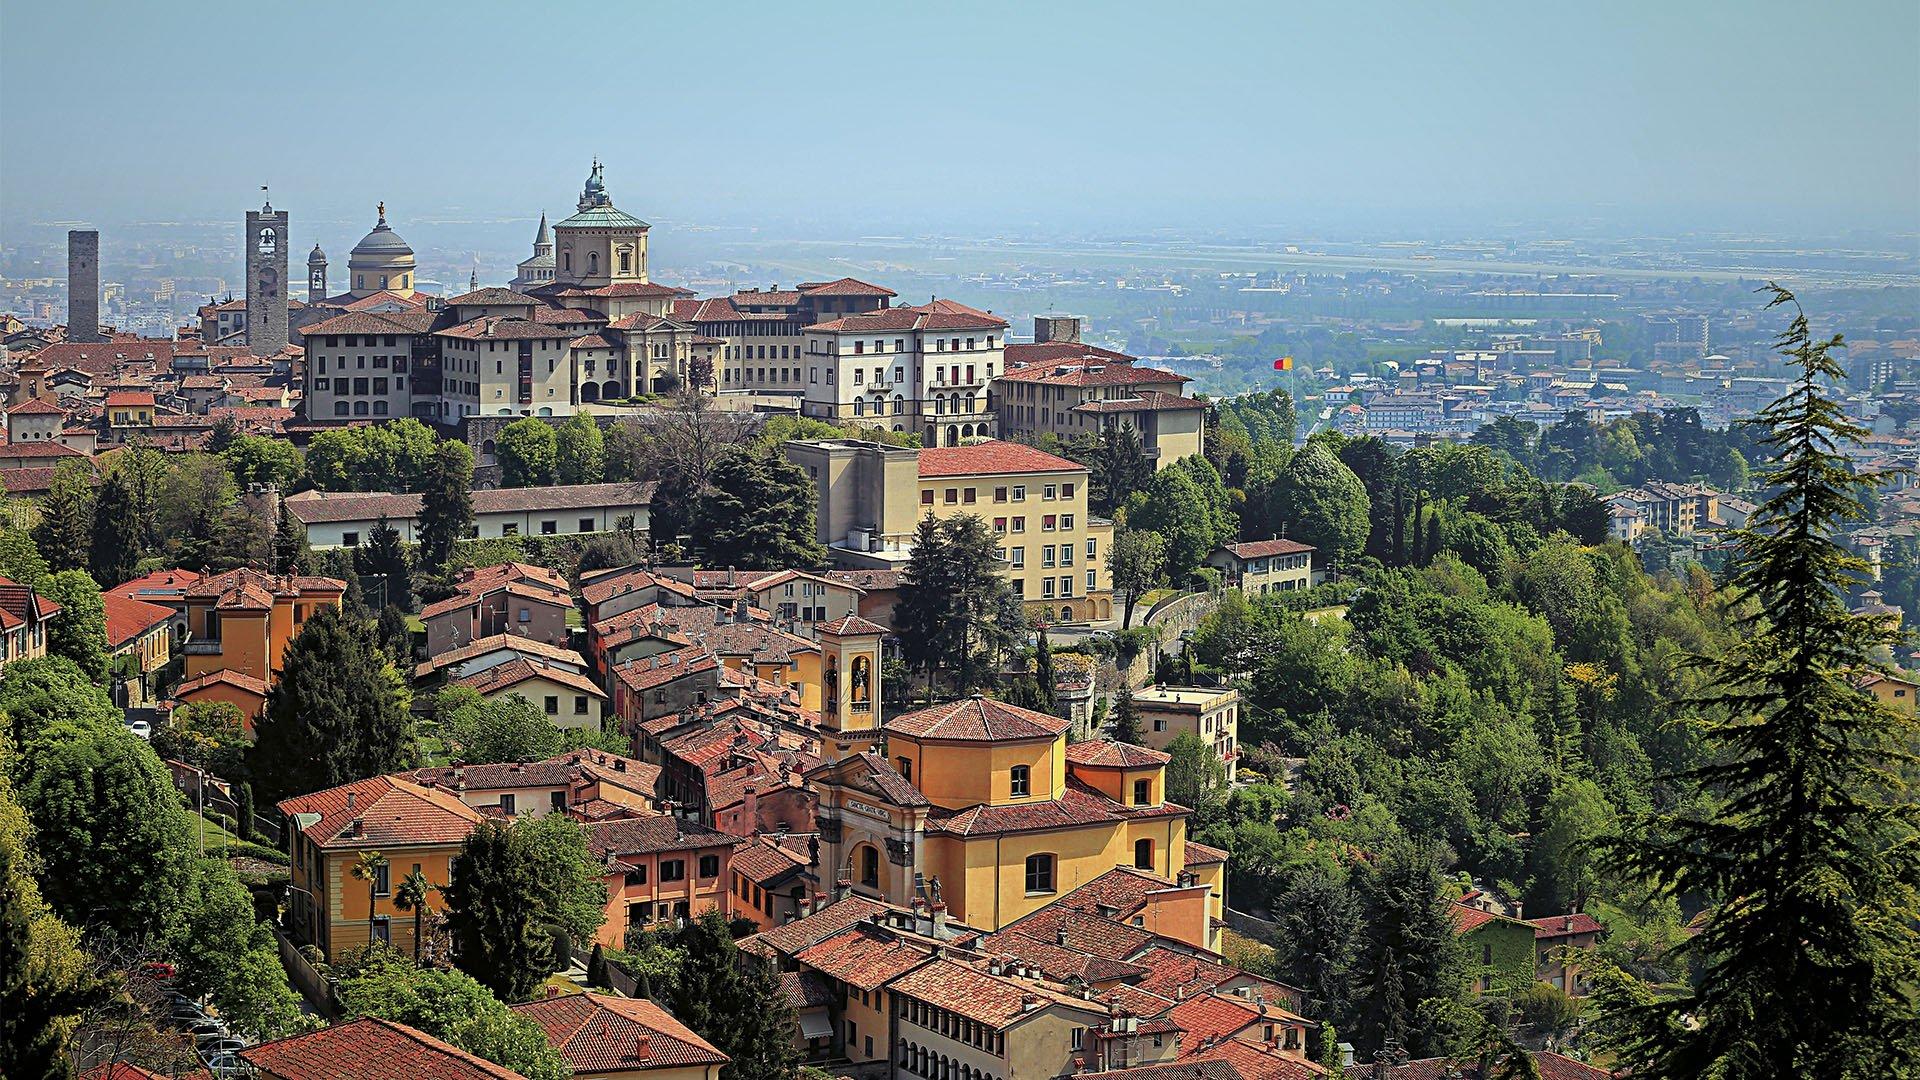 Bergamo fondobrugarolo